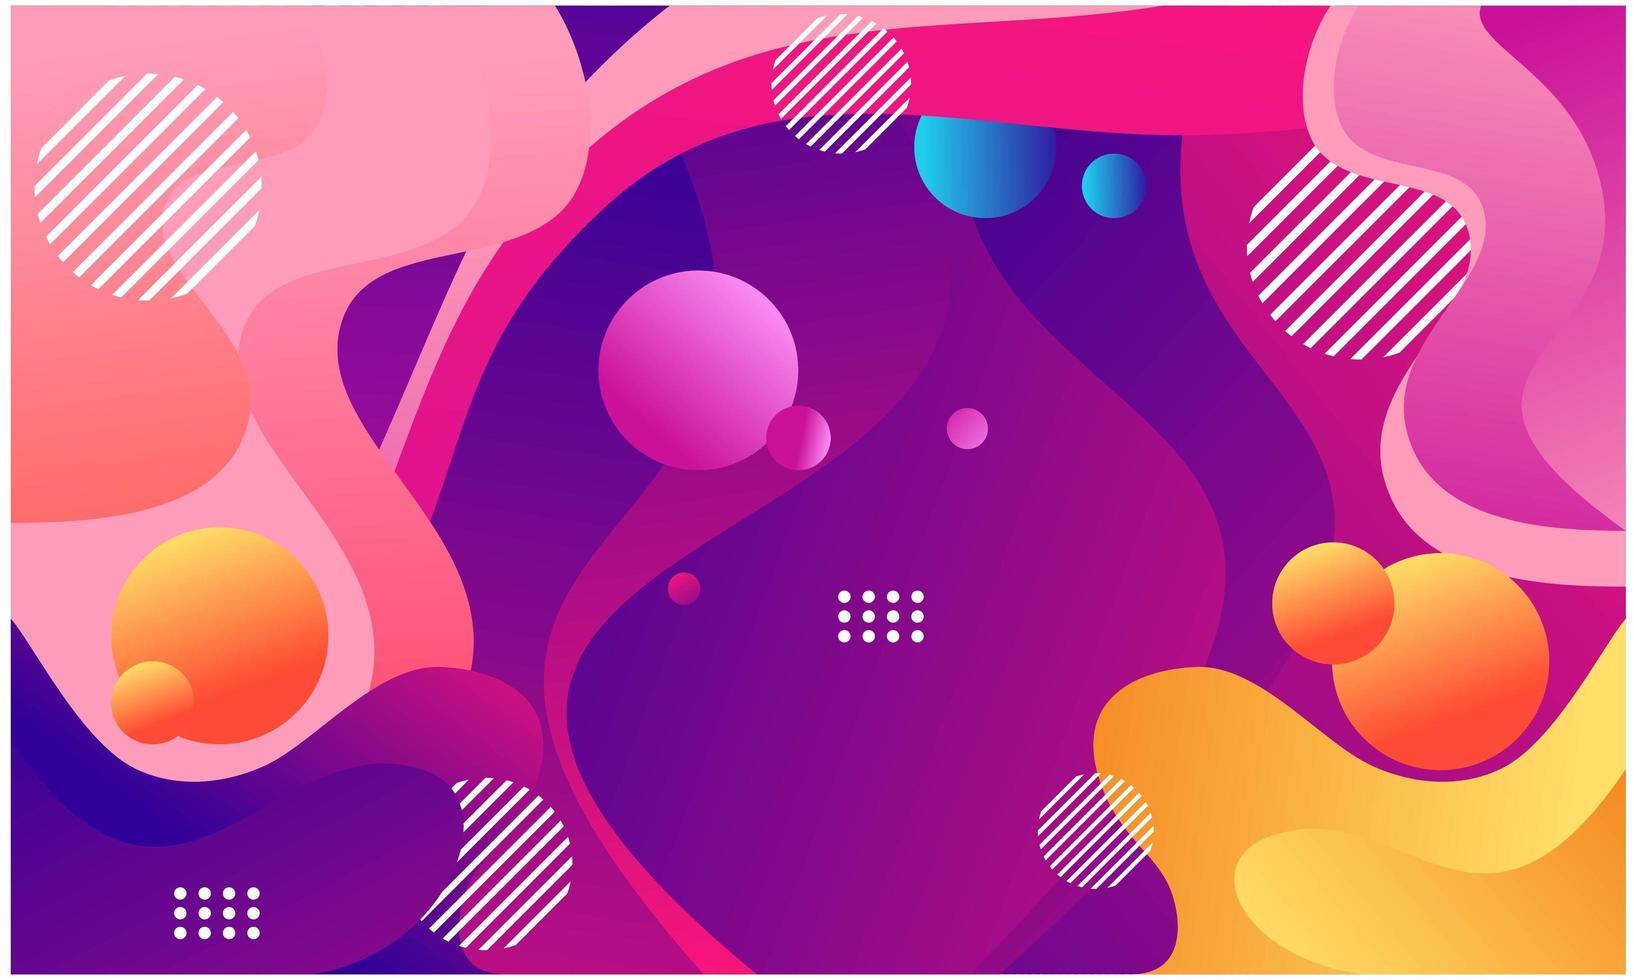 abstracte geometrische vormen achtergrond vector